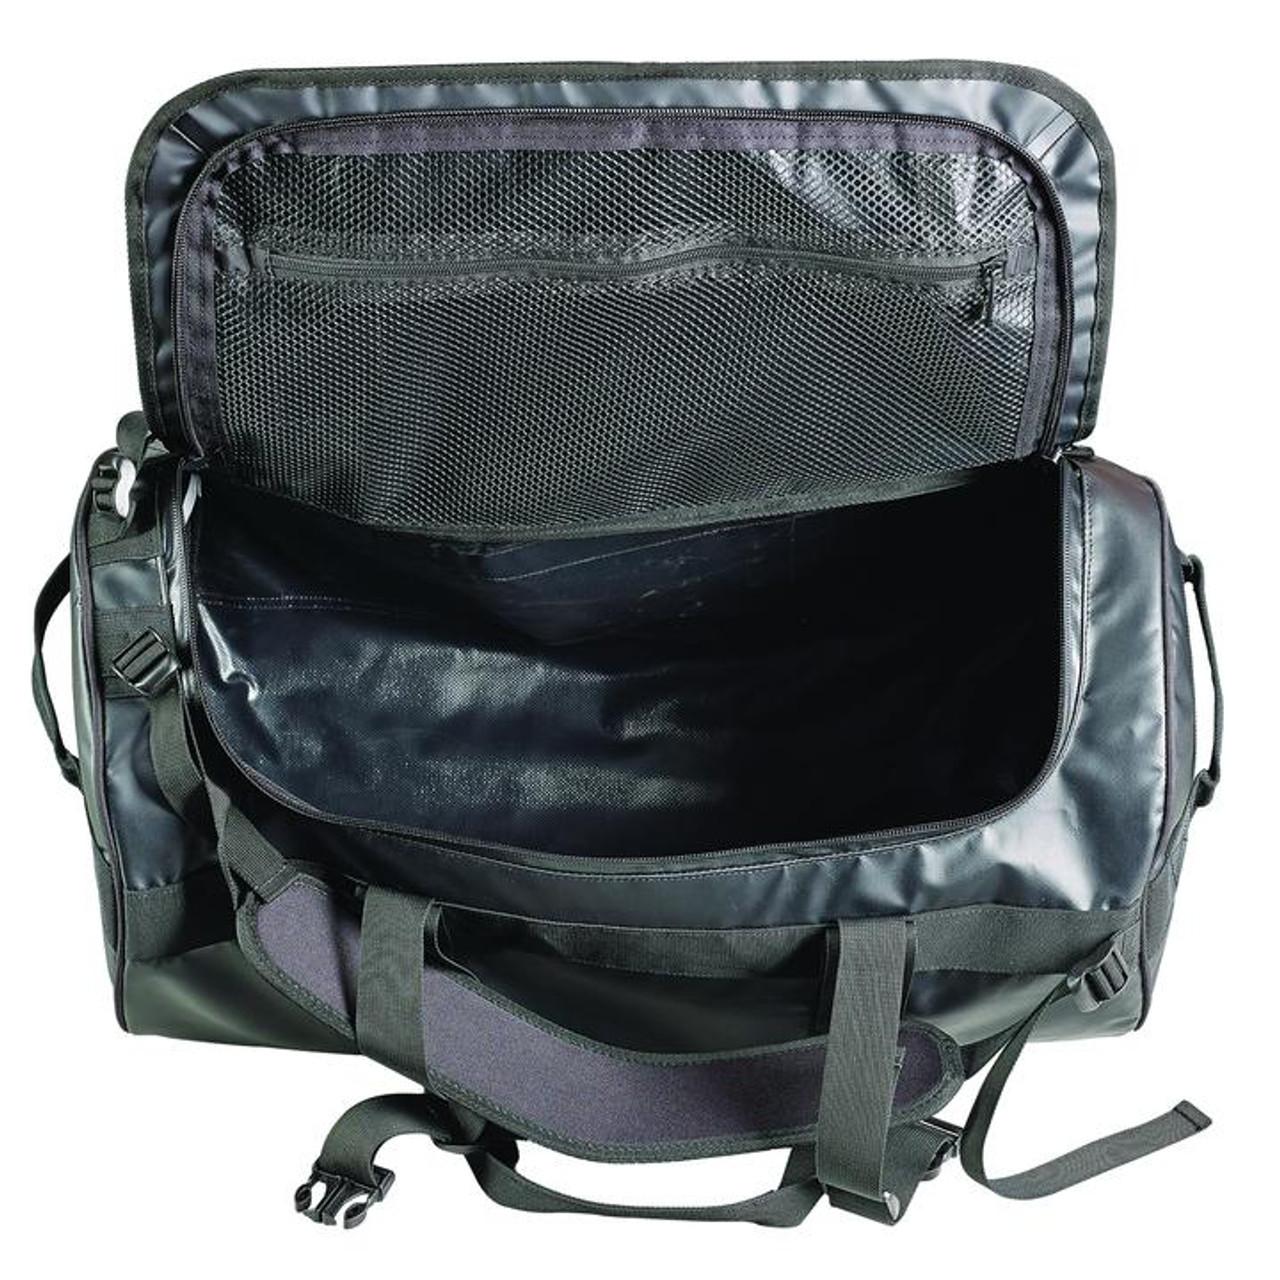 17648b8d21 Caribee Kokoda 65 Waterproof bag